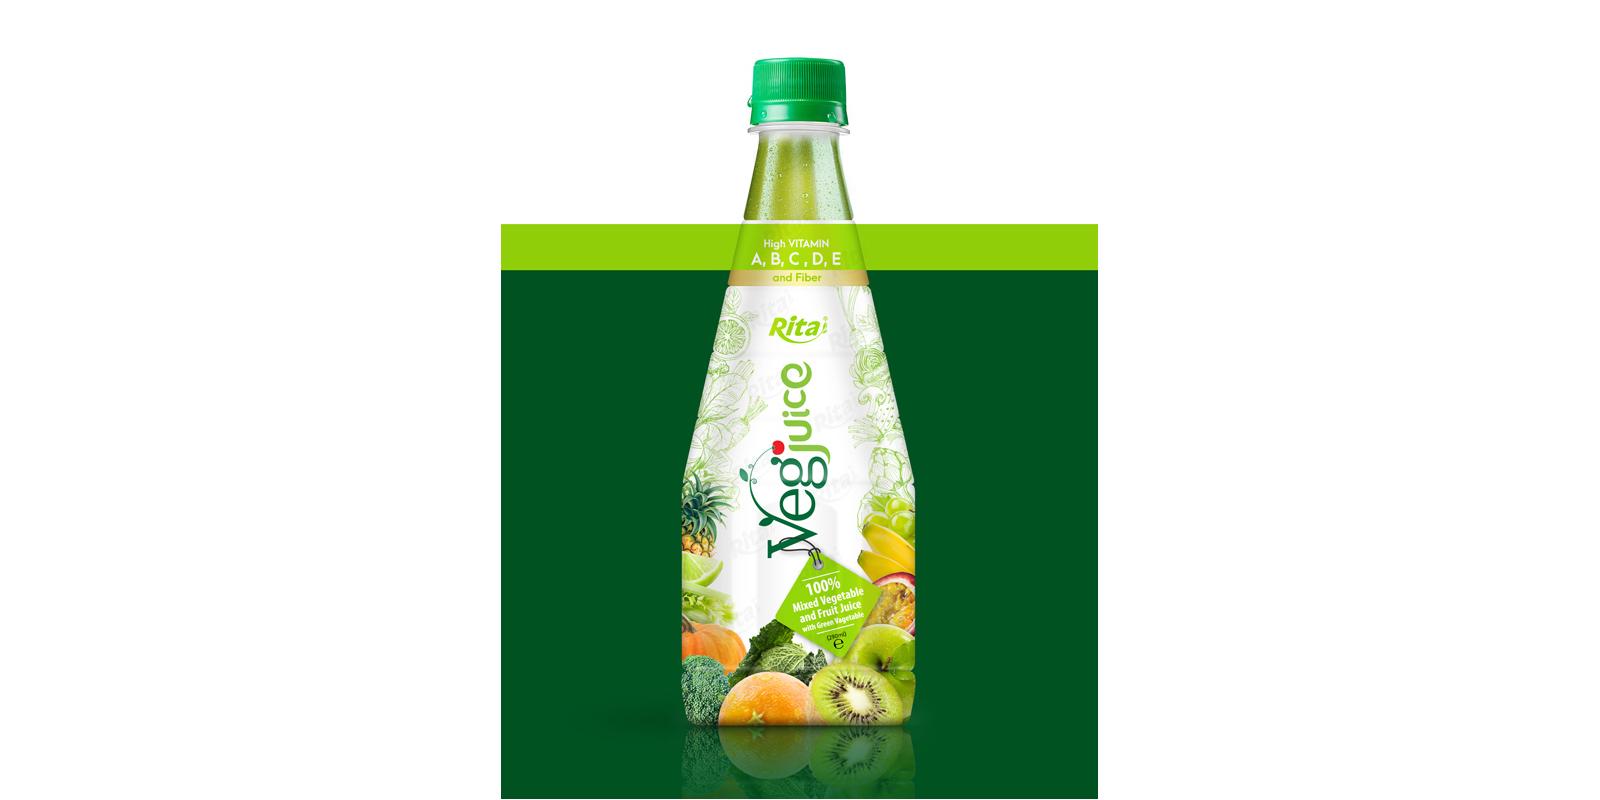 juice shop design Vegjuice in Pet 290ml